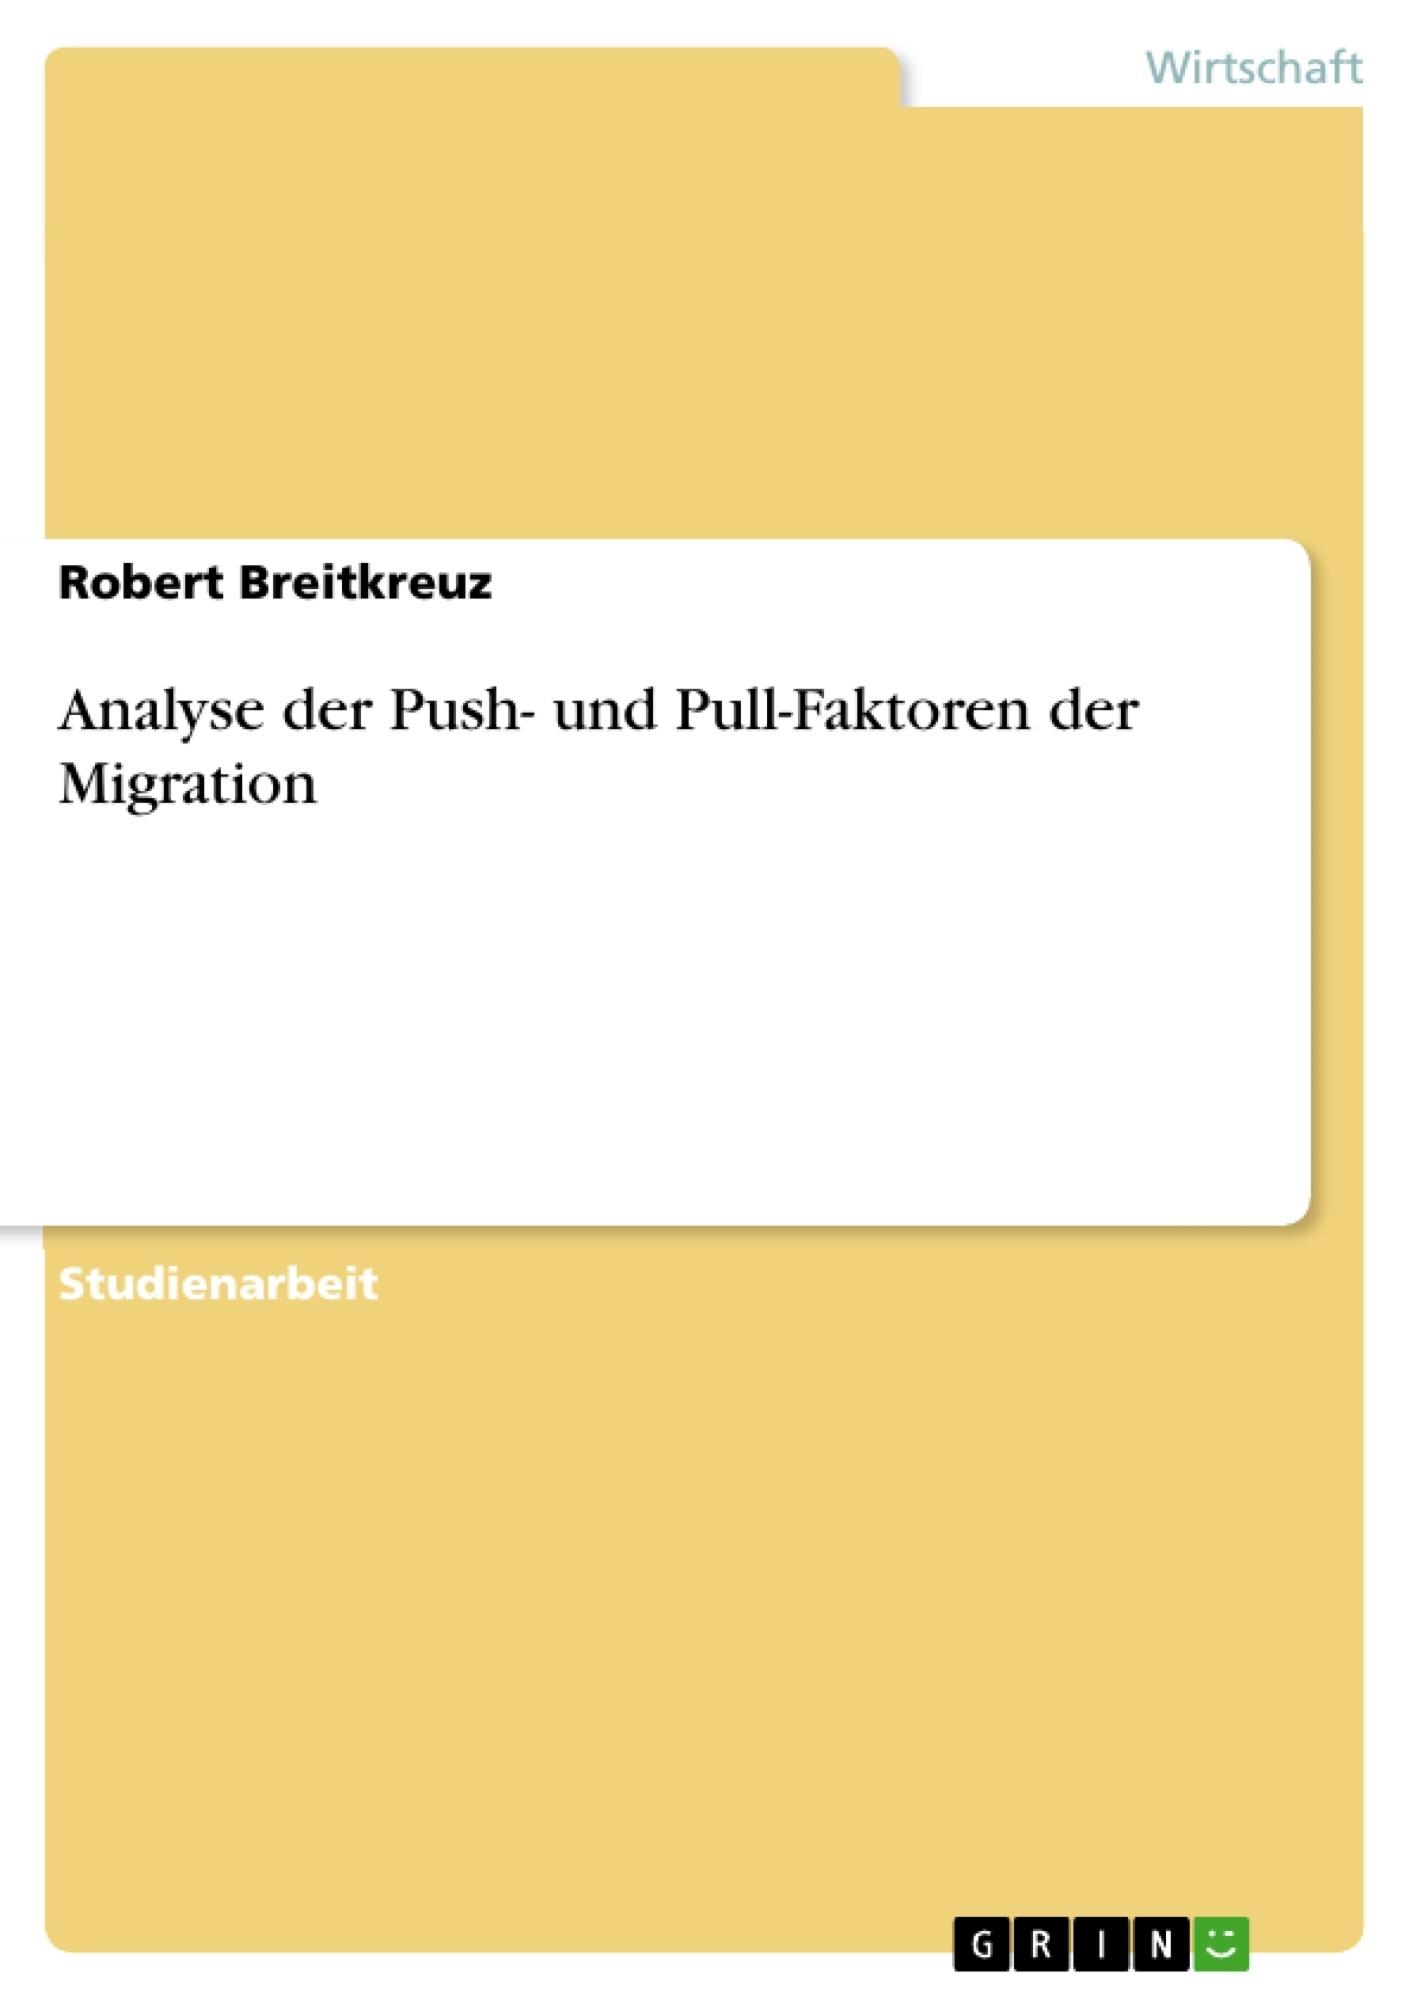 Titel: Analyse der Push- und Pull-Faktoren der Migration